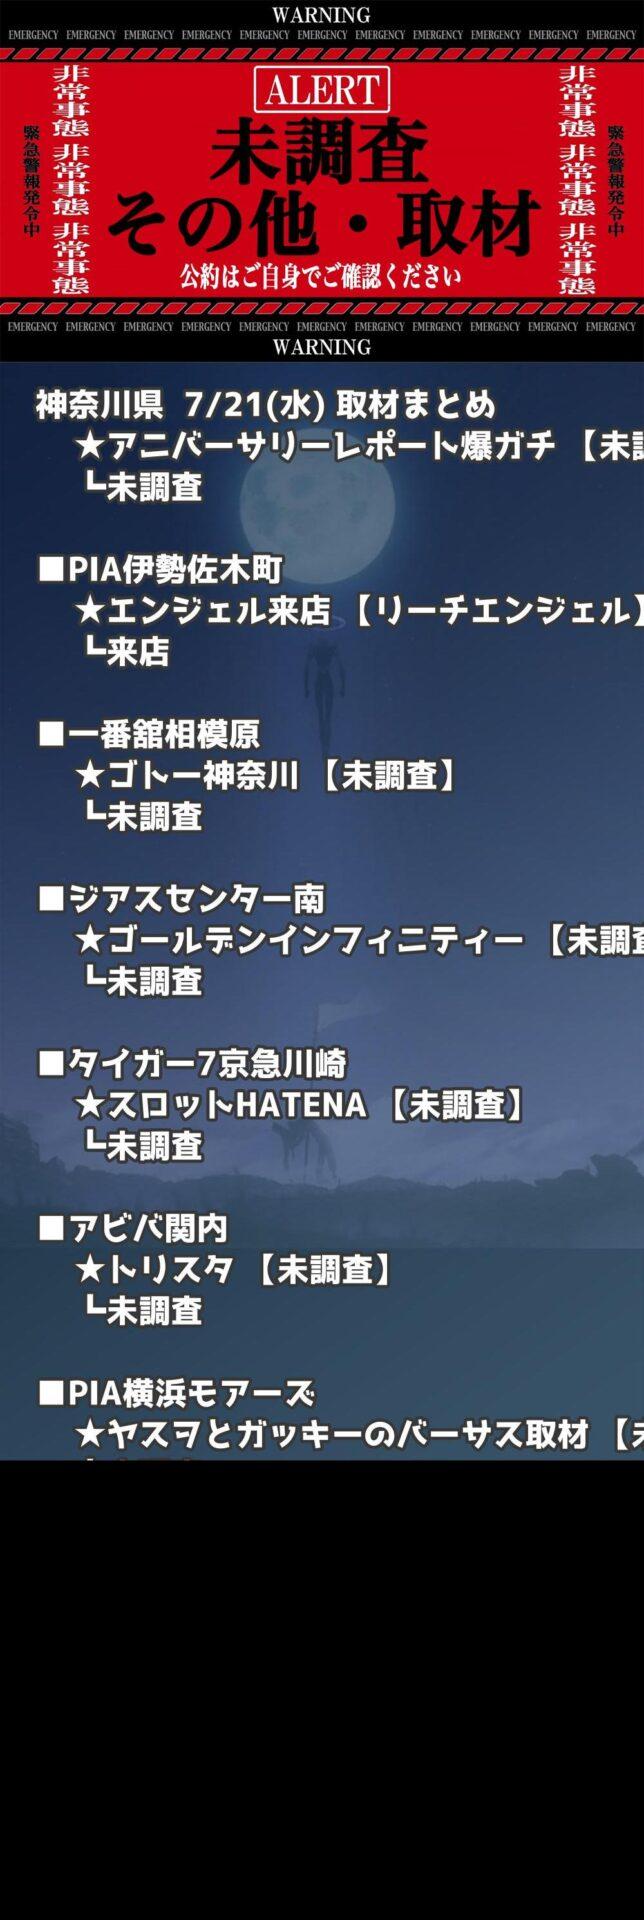 神奈川県_2021-07-21_未調査_パチンコ・パチスロ